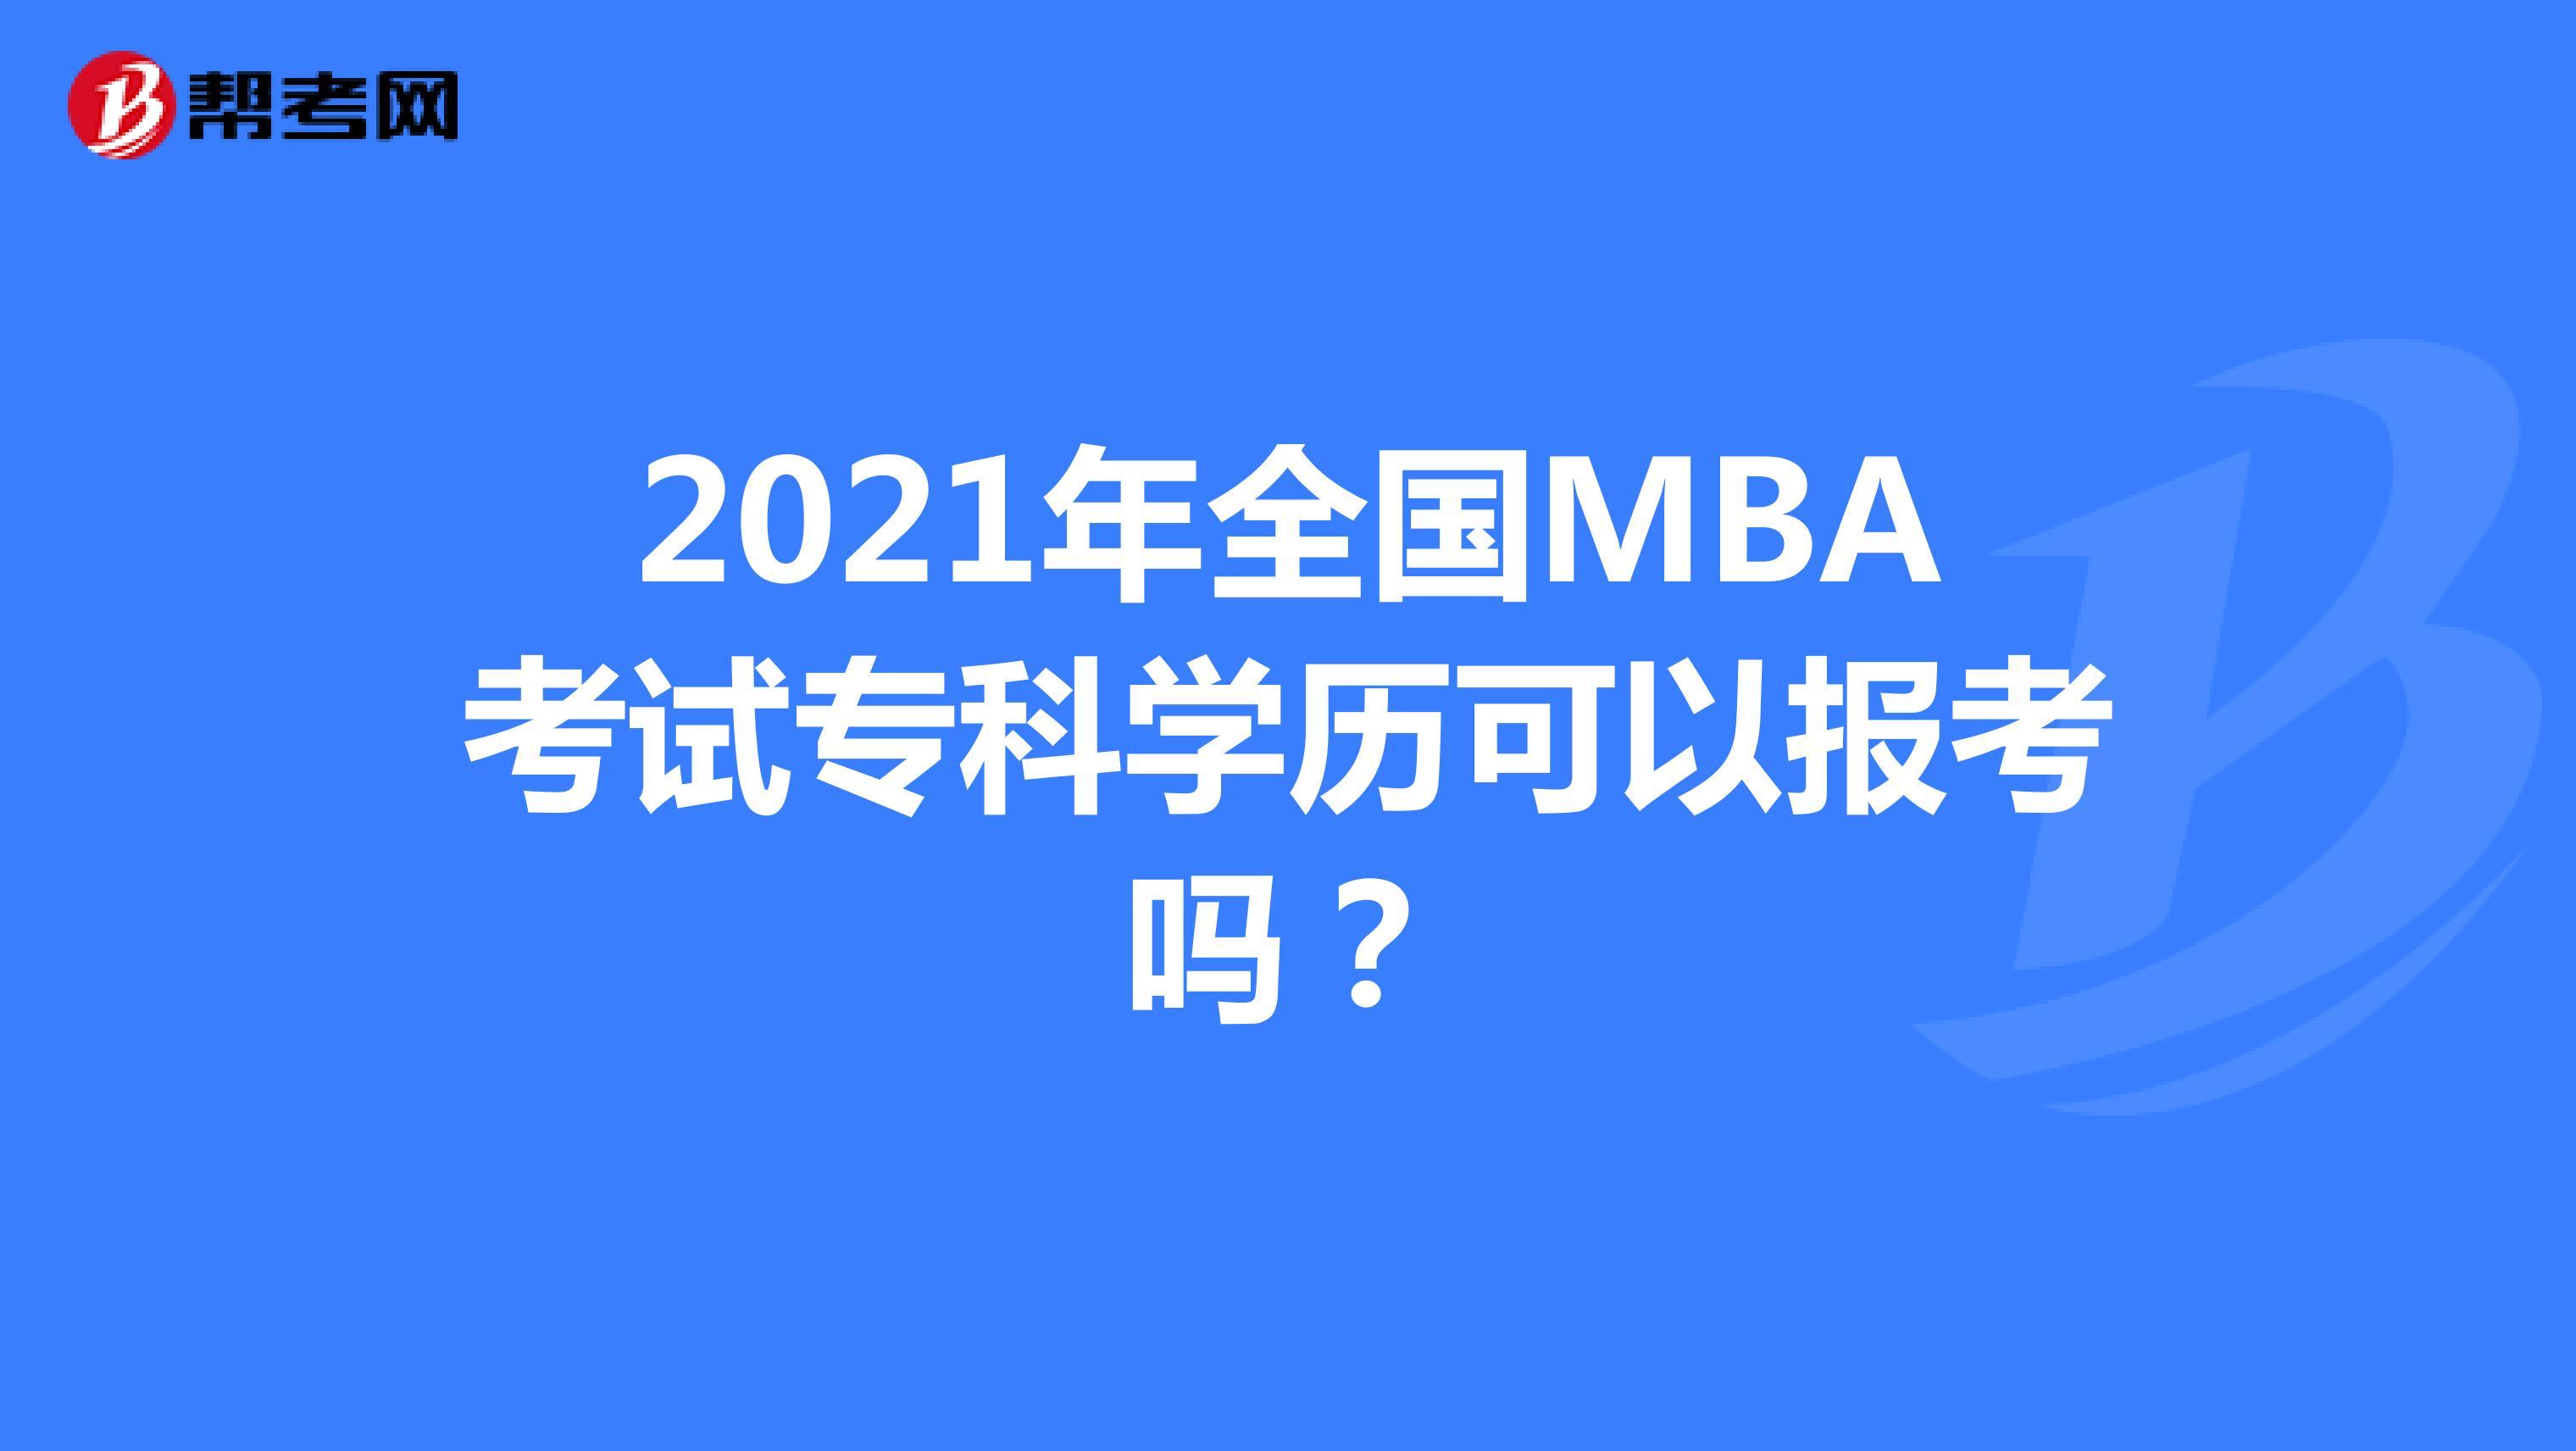 2021年全國MBA考試??茖W歷可以報考嗎?